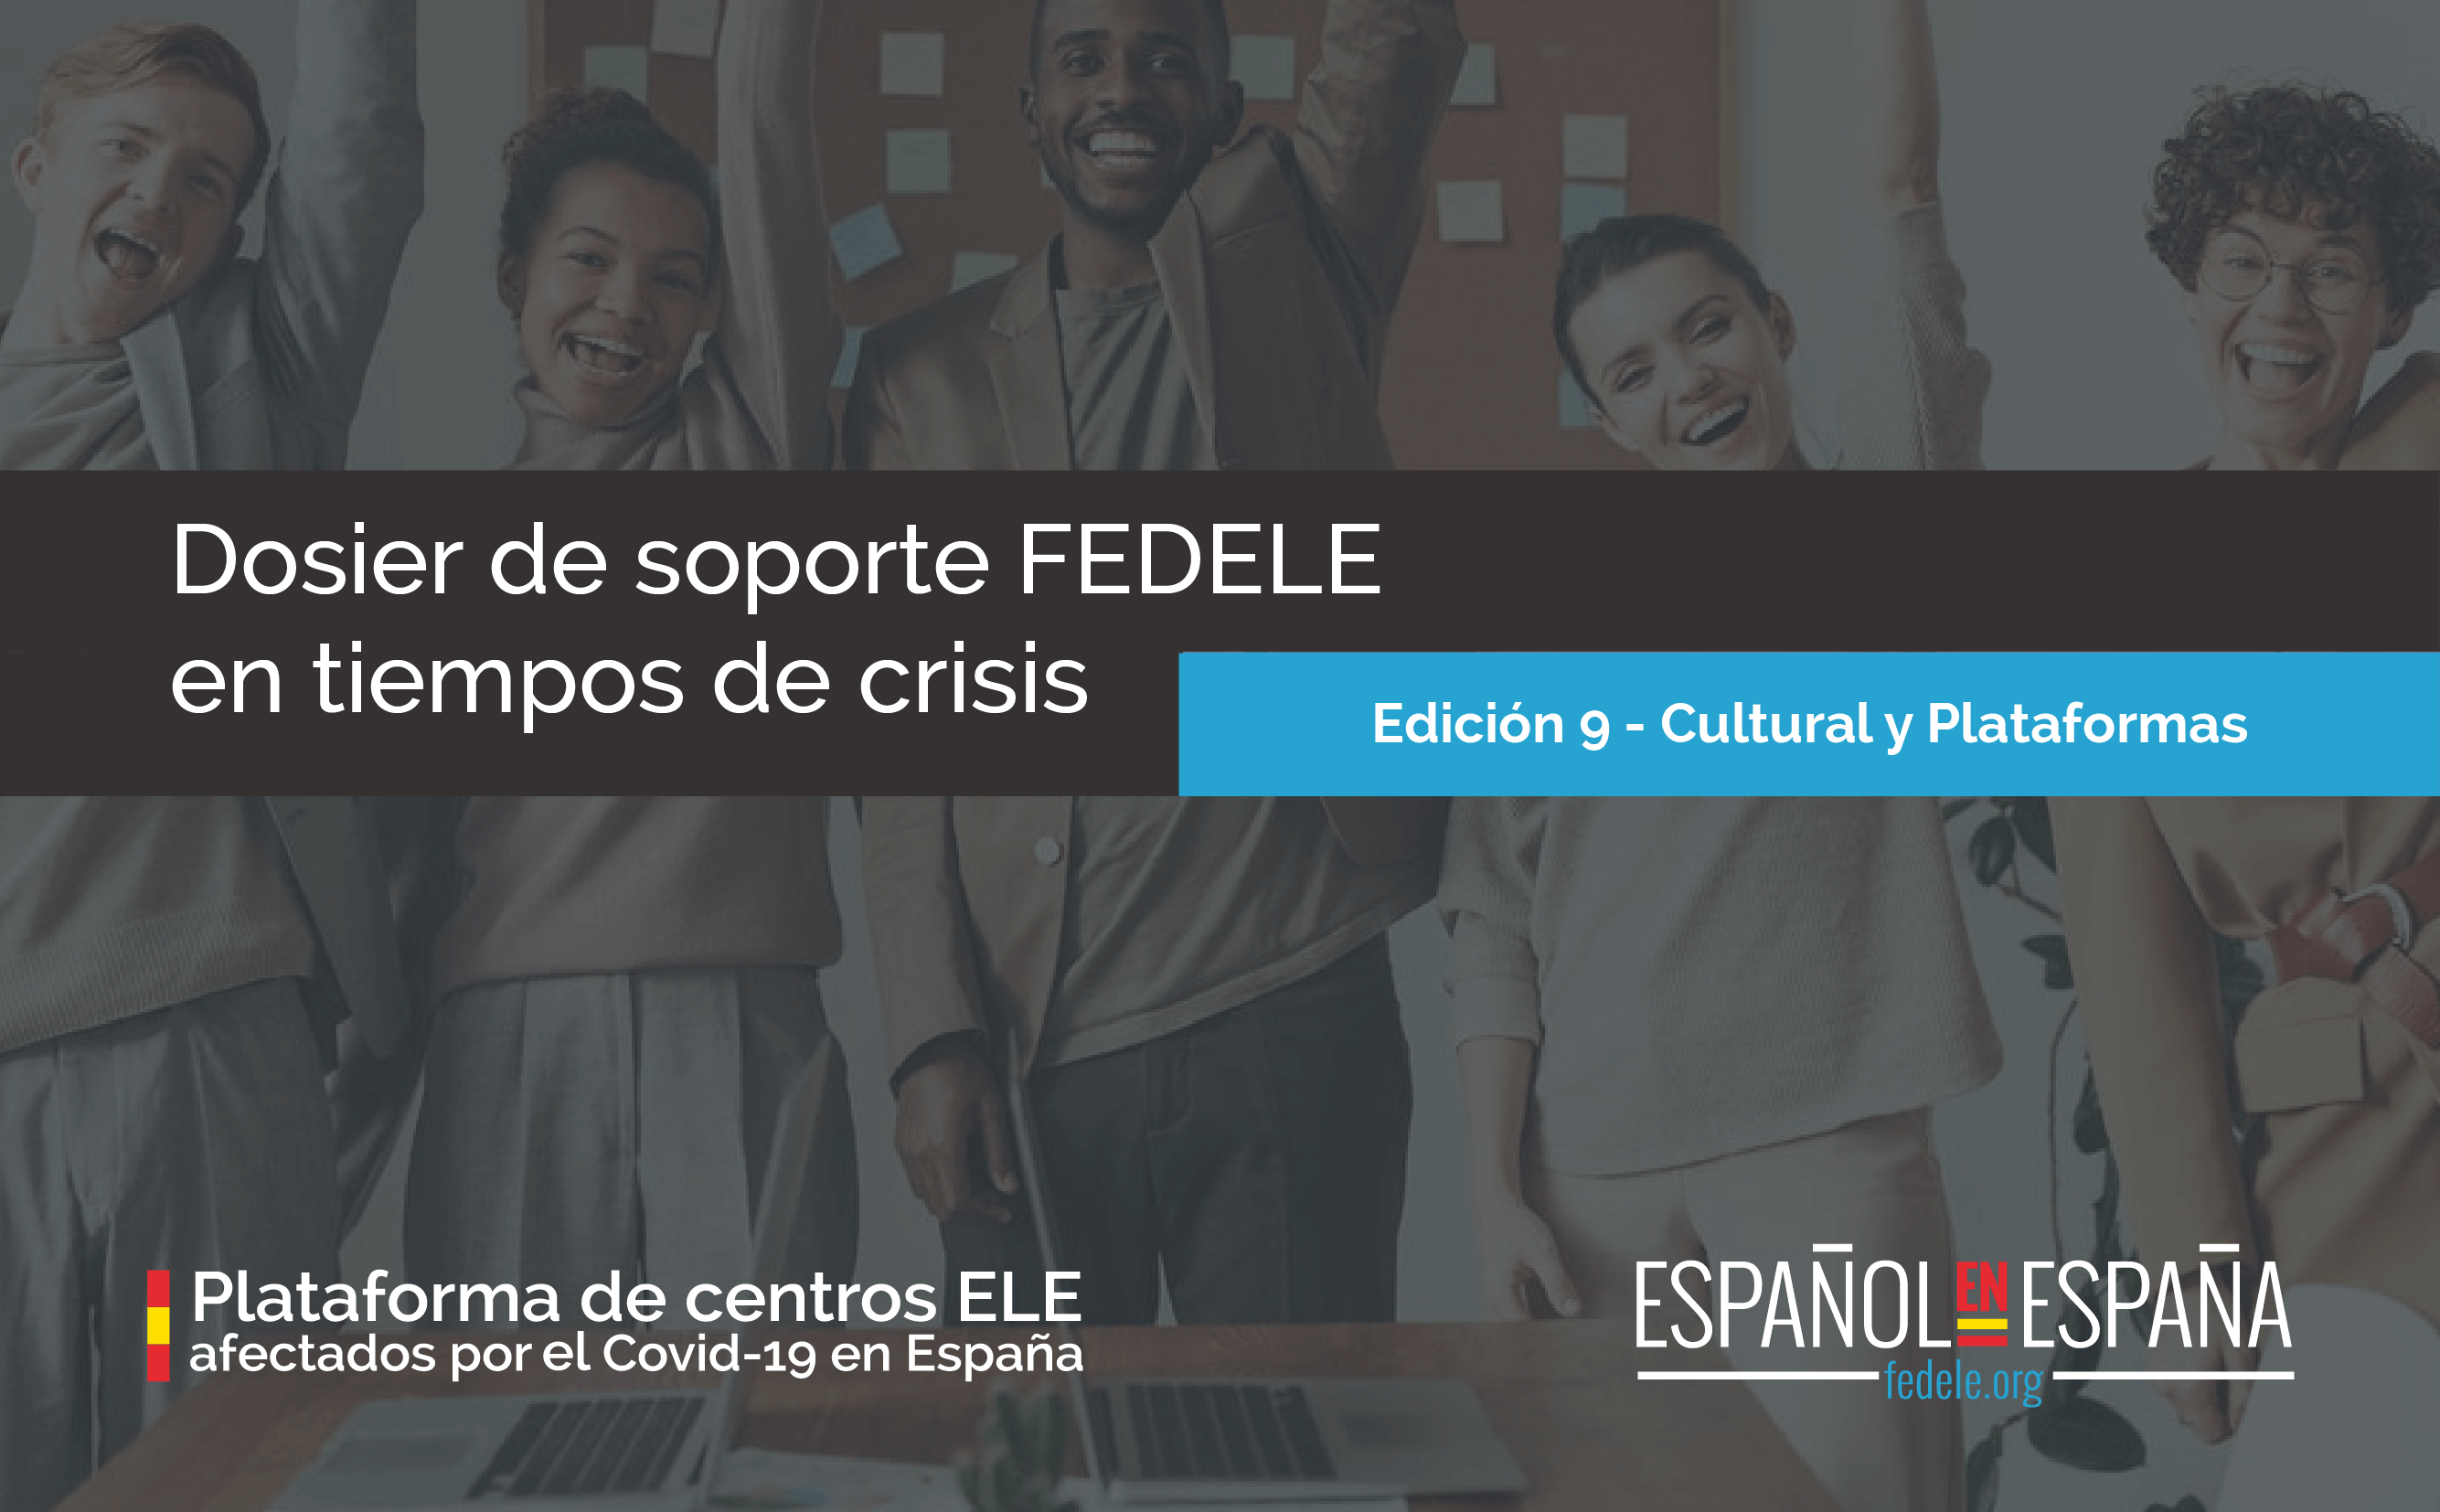 Dosier de soporte FEDELE en tiempo de crisis – Novena edición en abierto